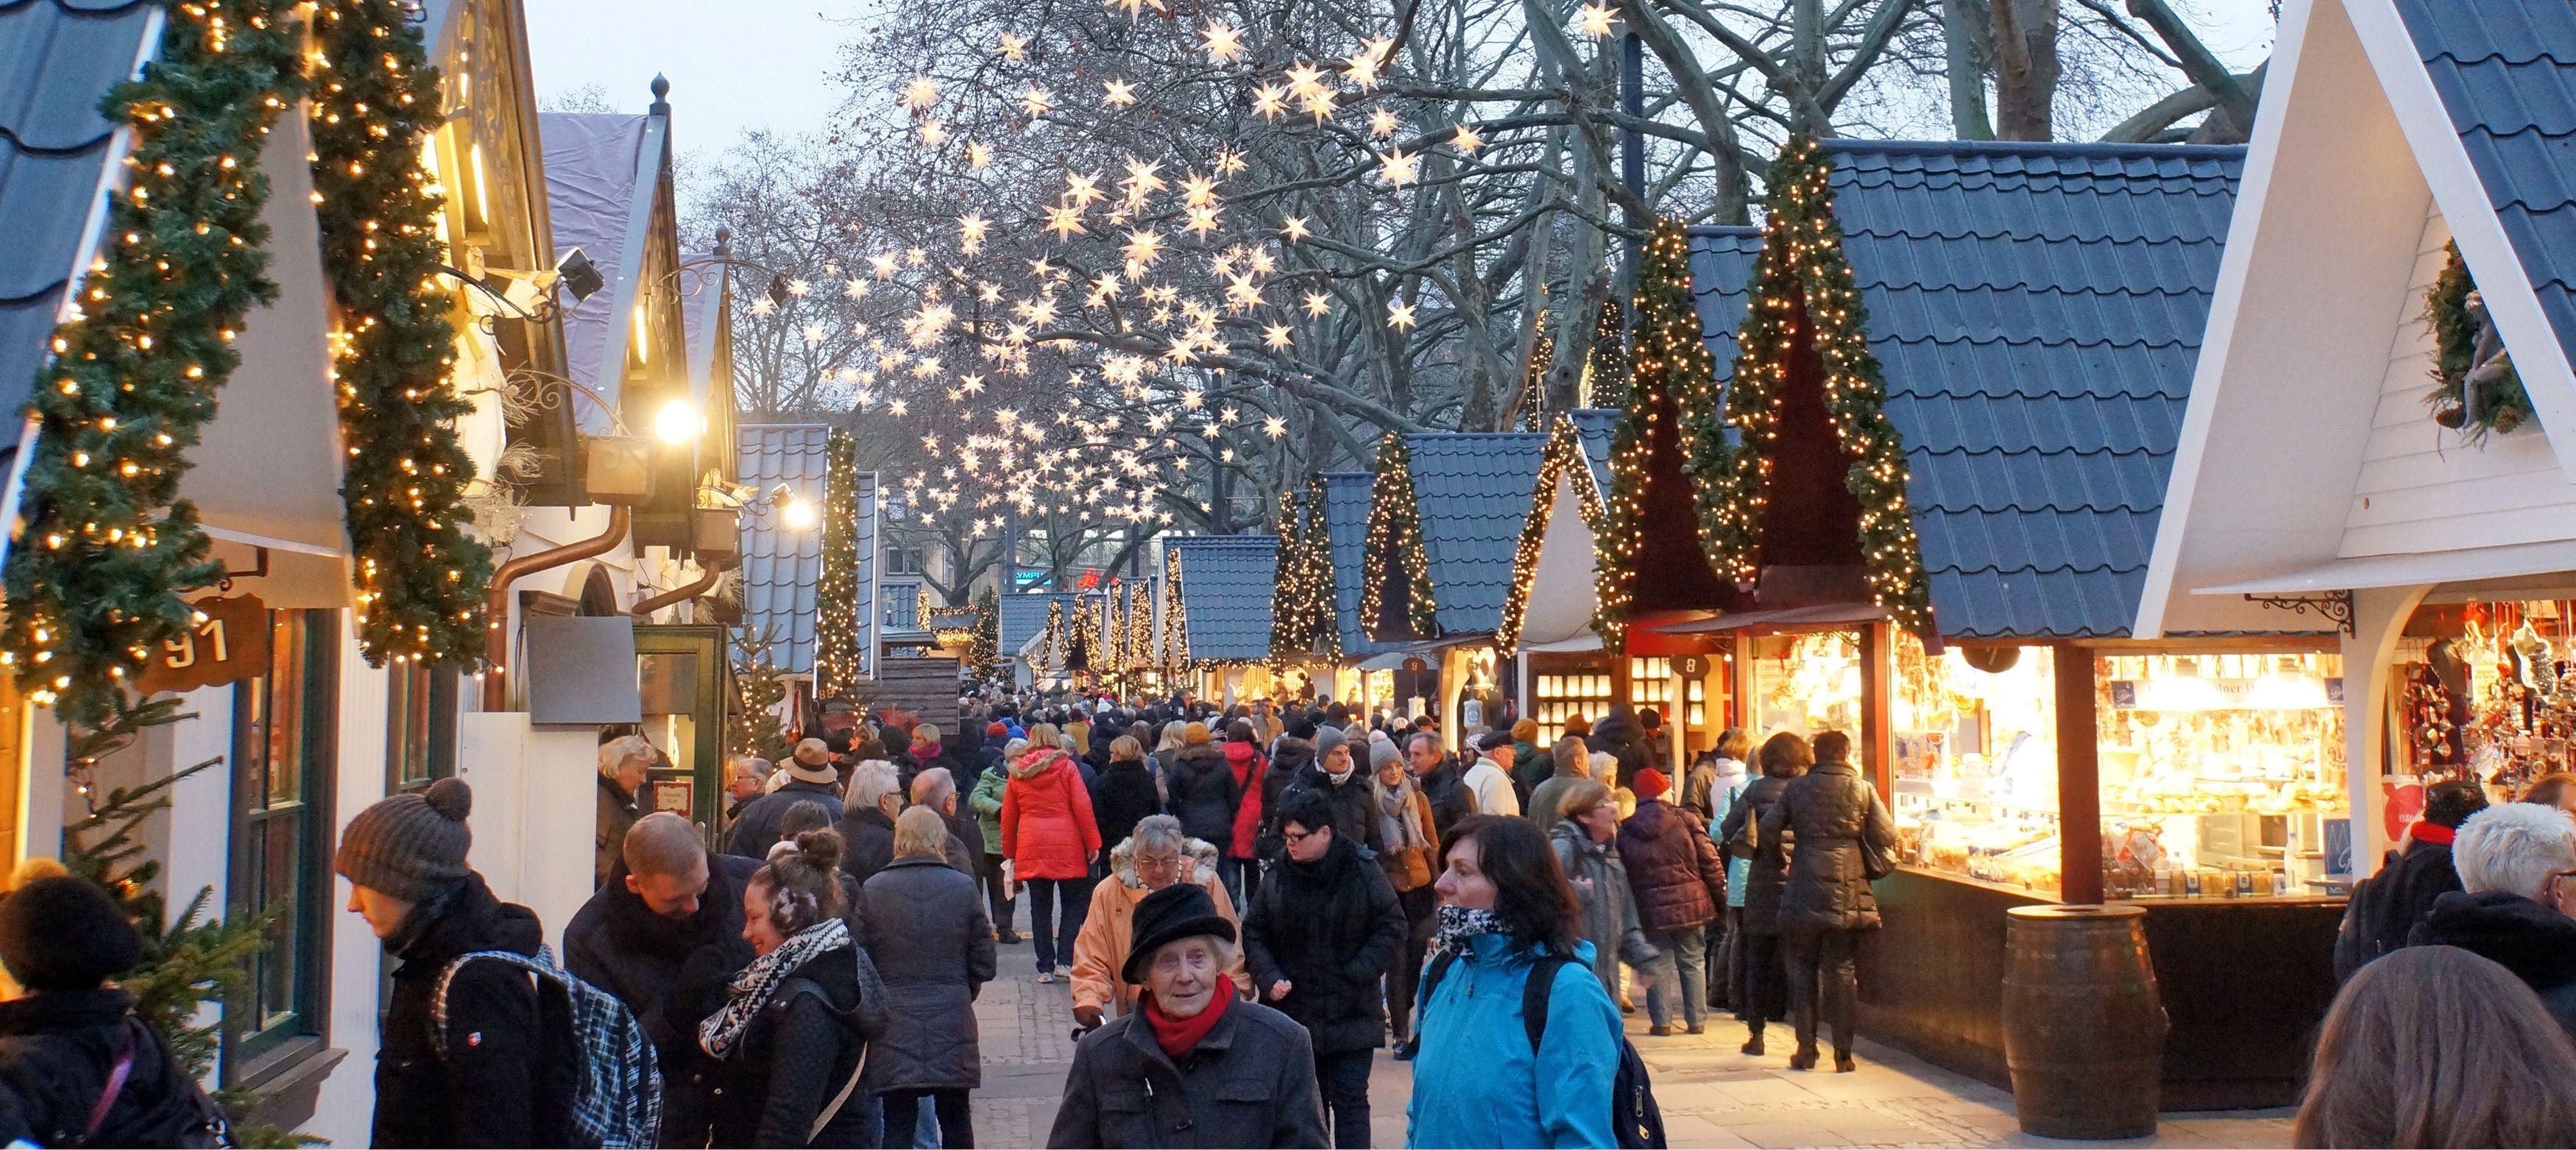 julmarknad med bodar, glögg och julstämning